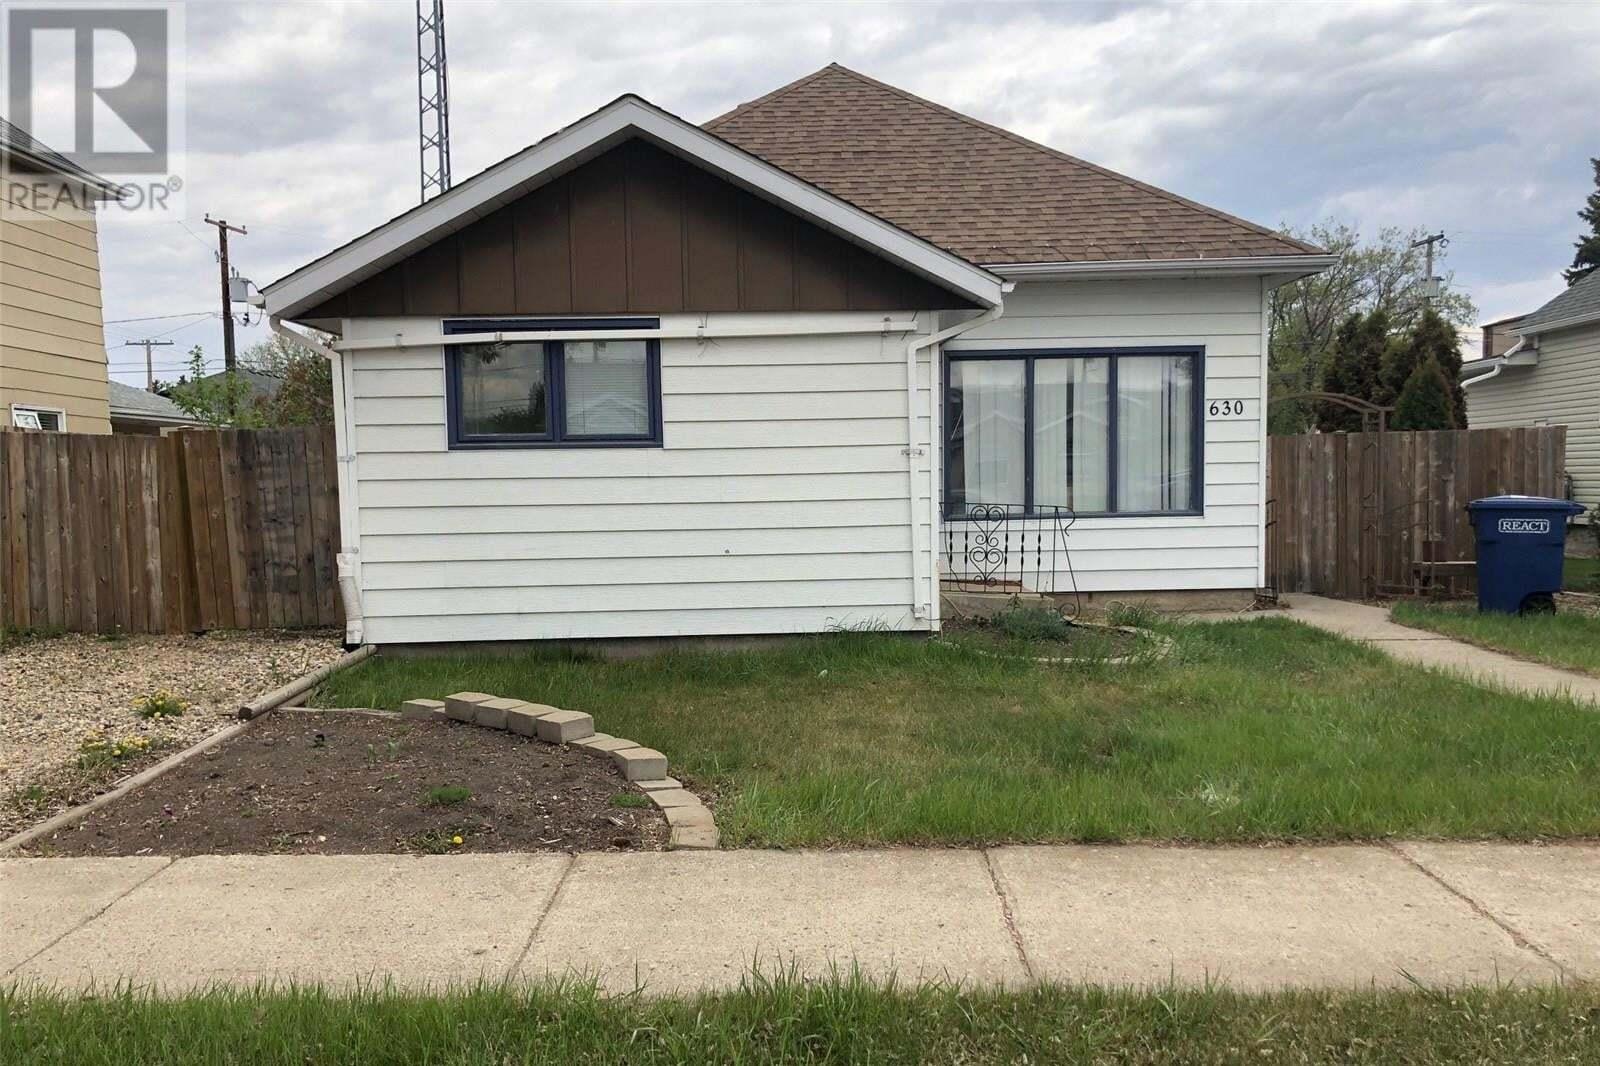 House for sale at 630 11th St Humboldt Saskatchewan - MLS: SK828830